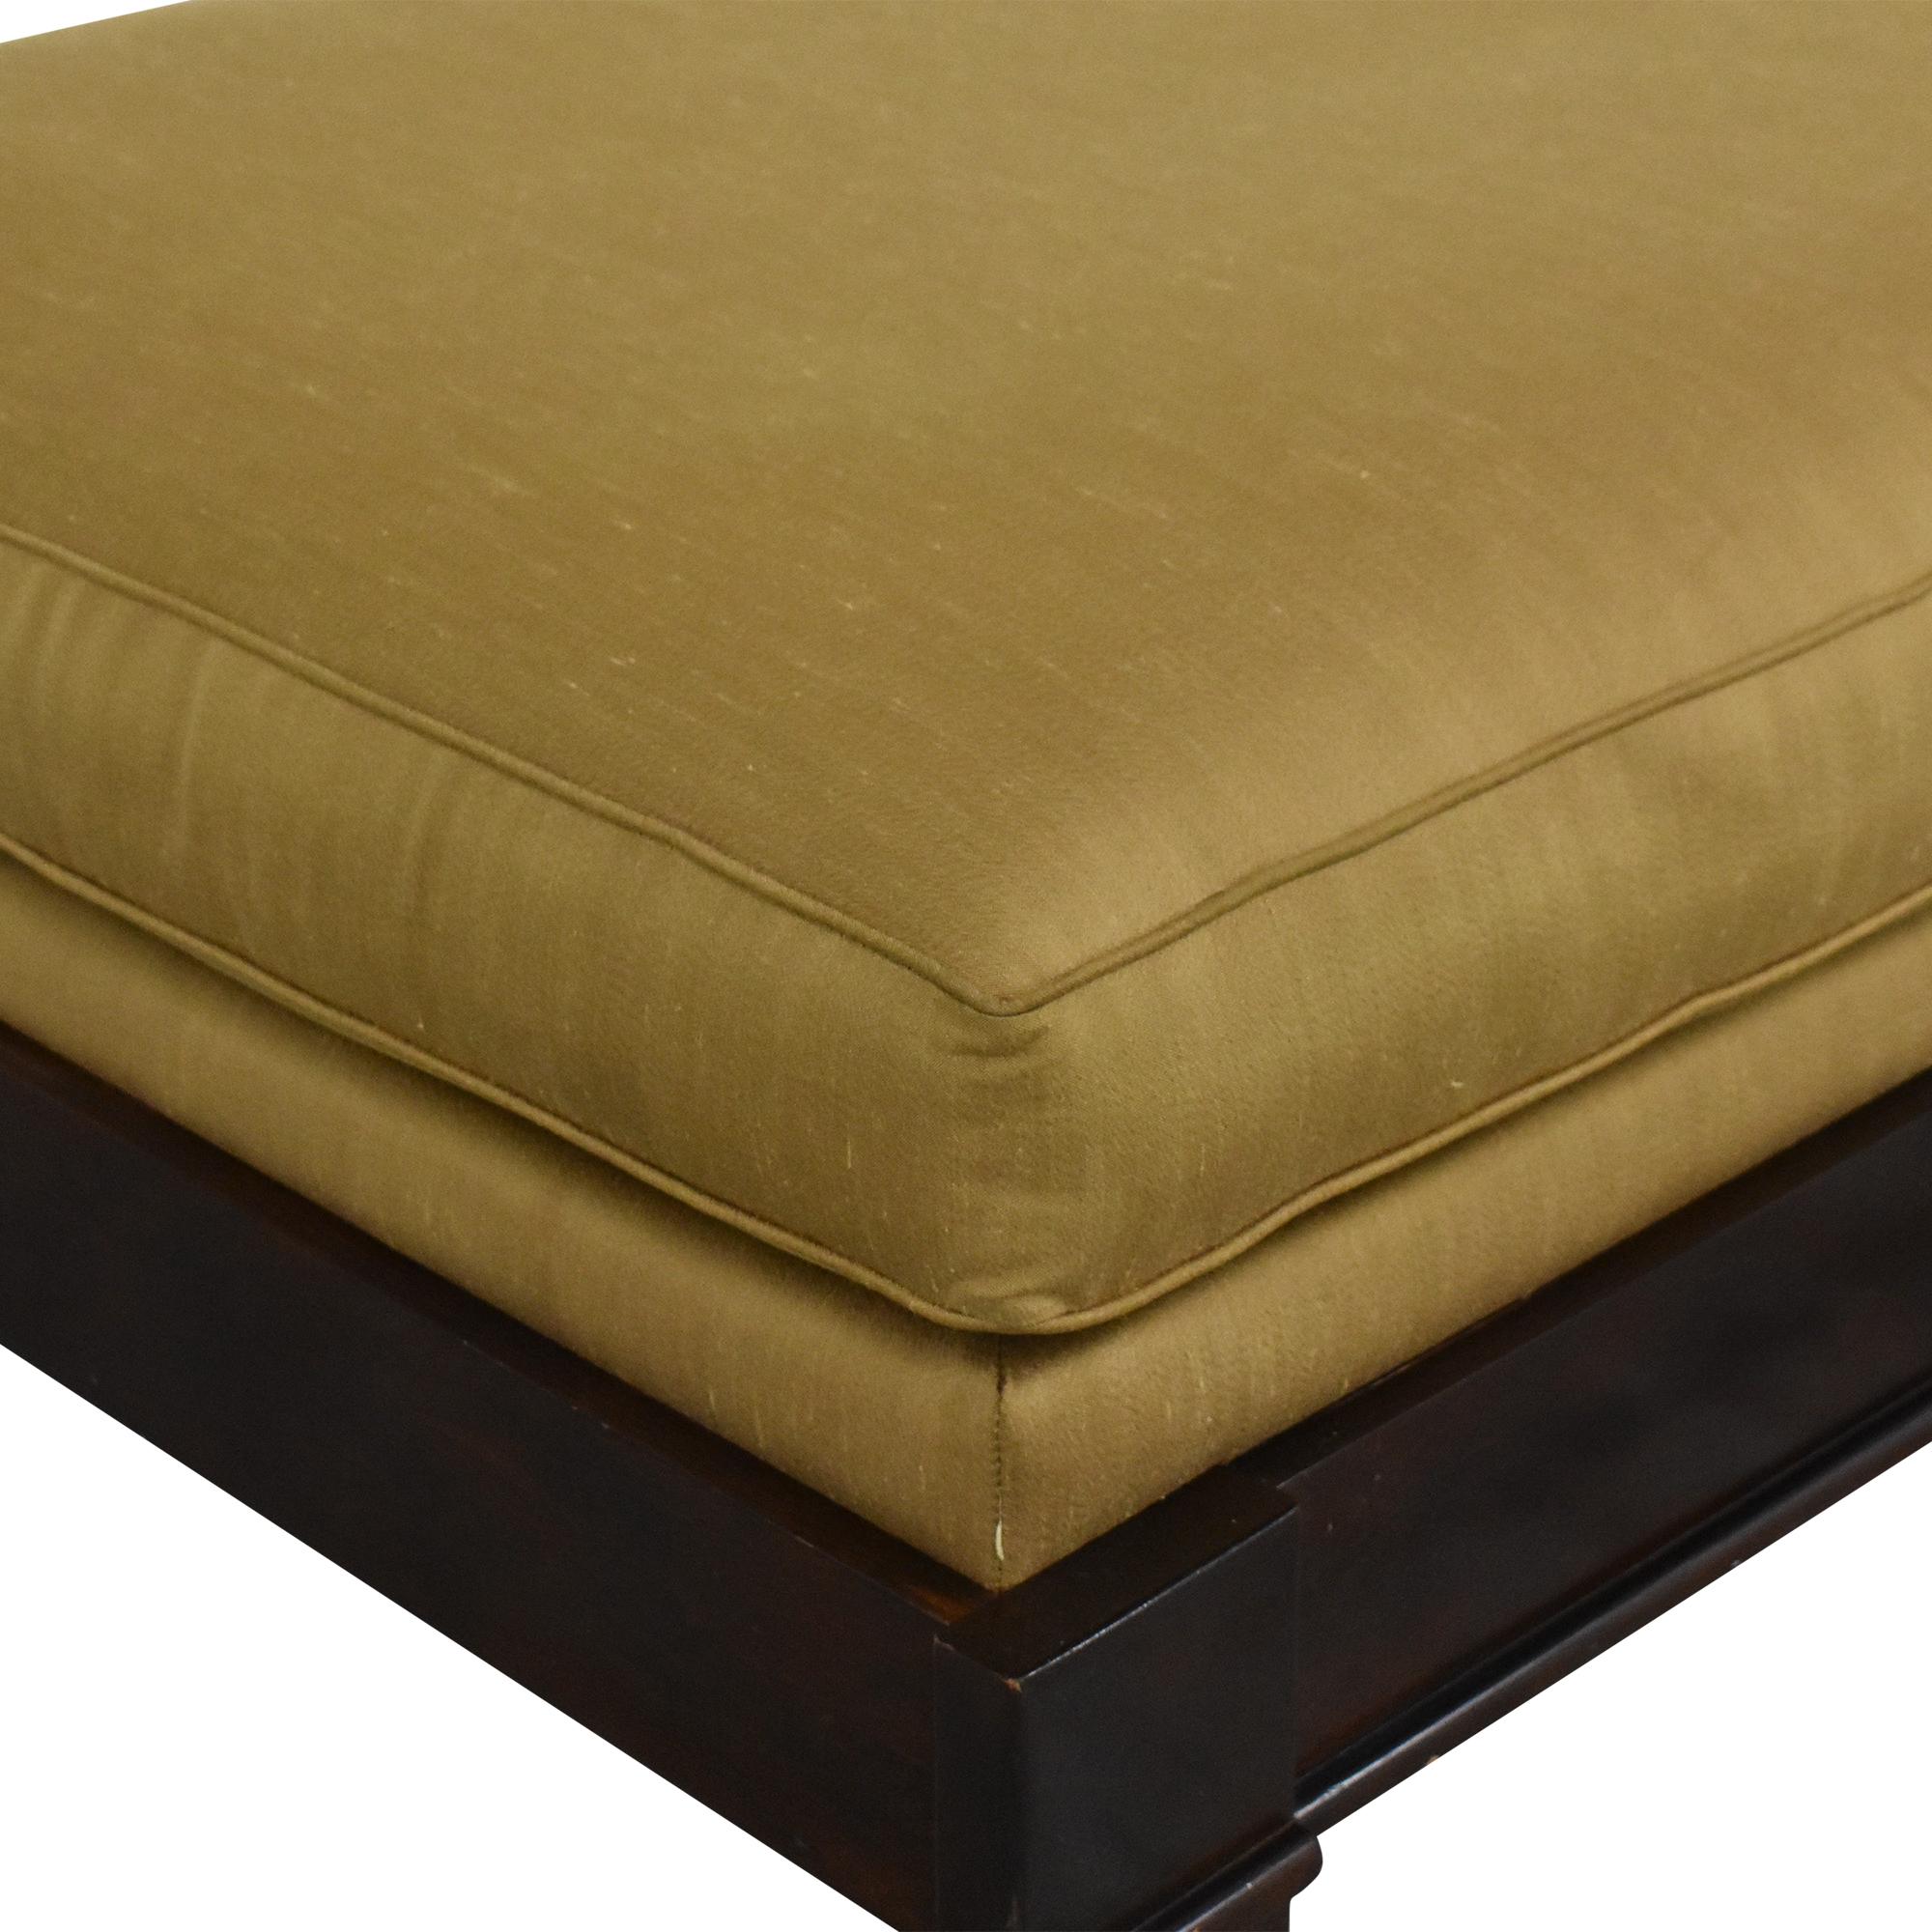 Bassett Furniture Bassett Upholstered Chaise Lounge second hand